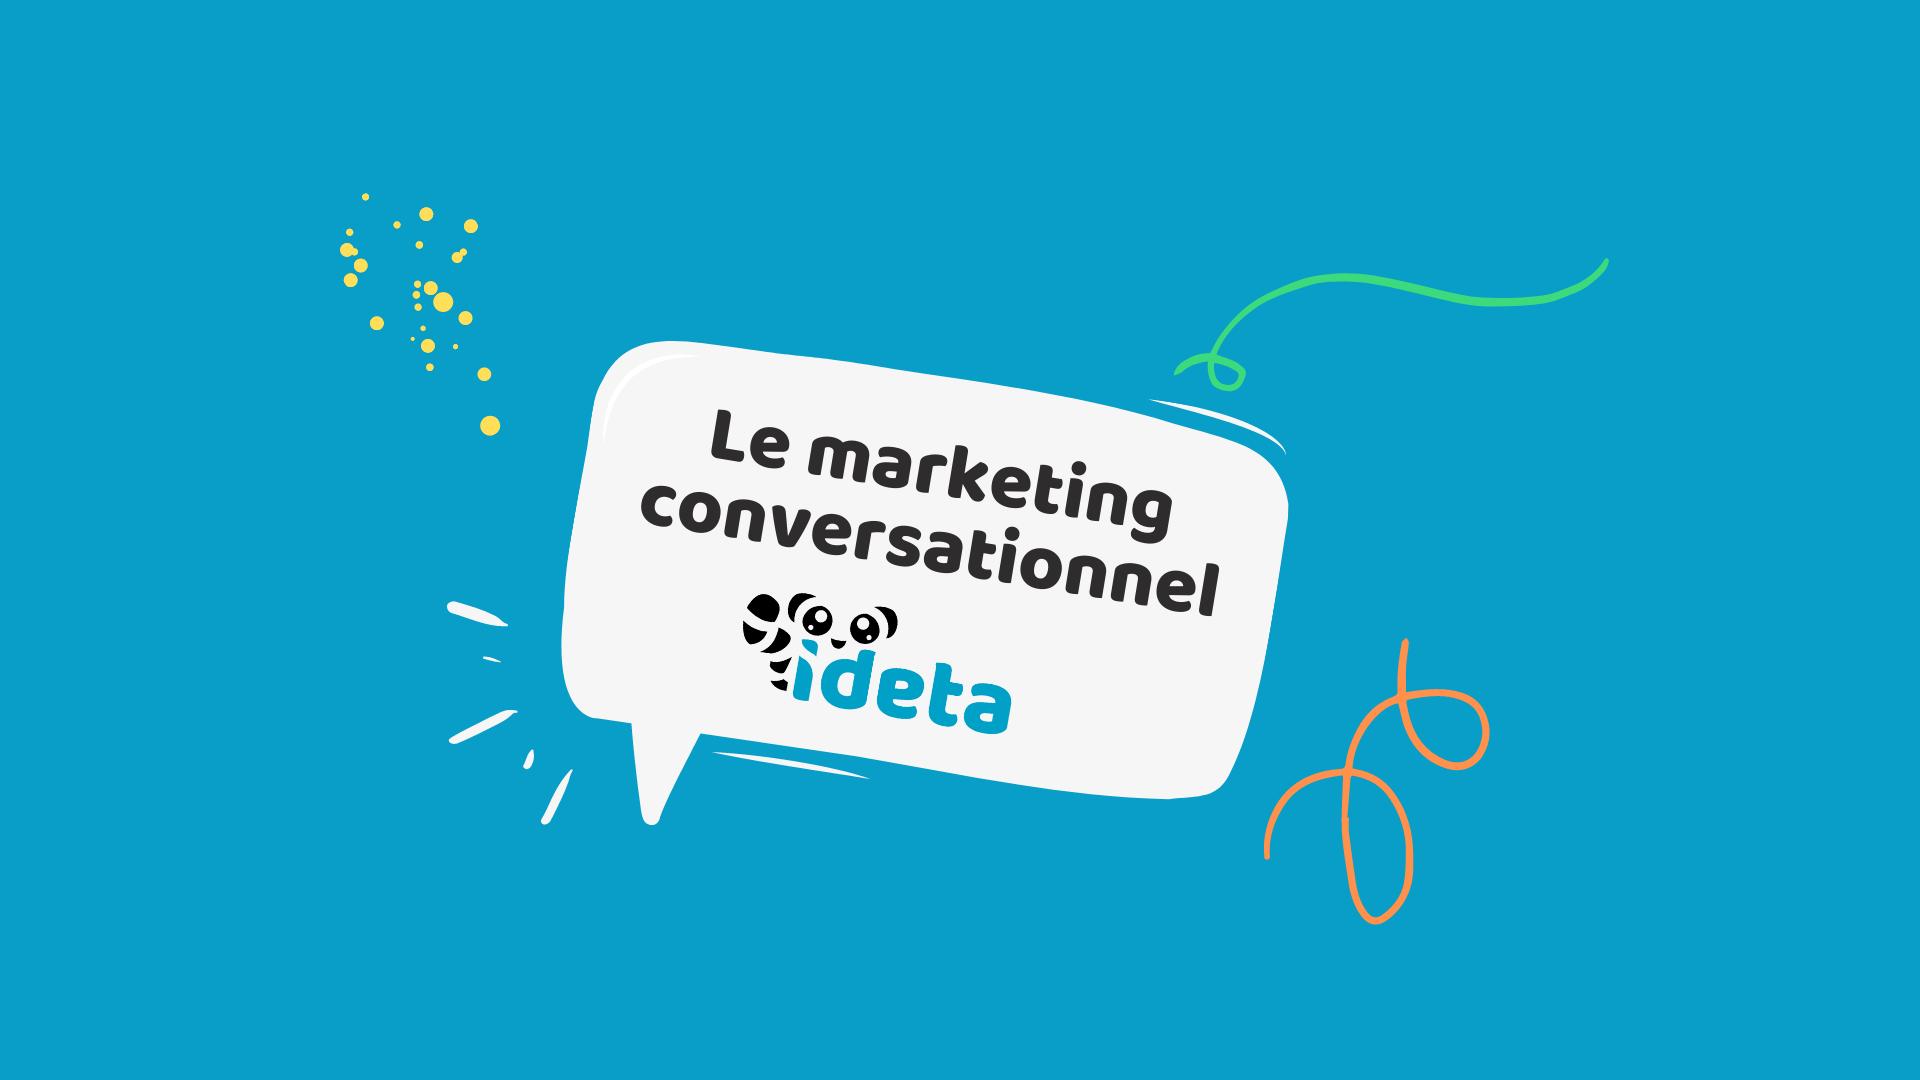 Pourquoi vous devriez mettre en place une stratégie de marketing conversationnel